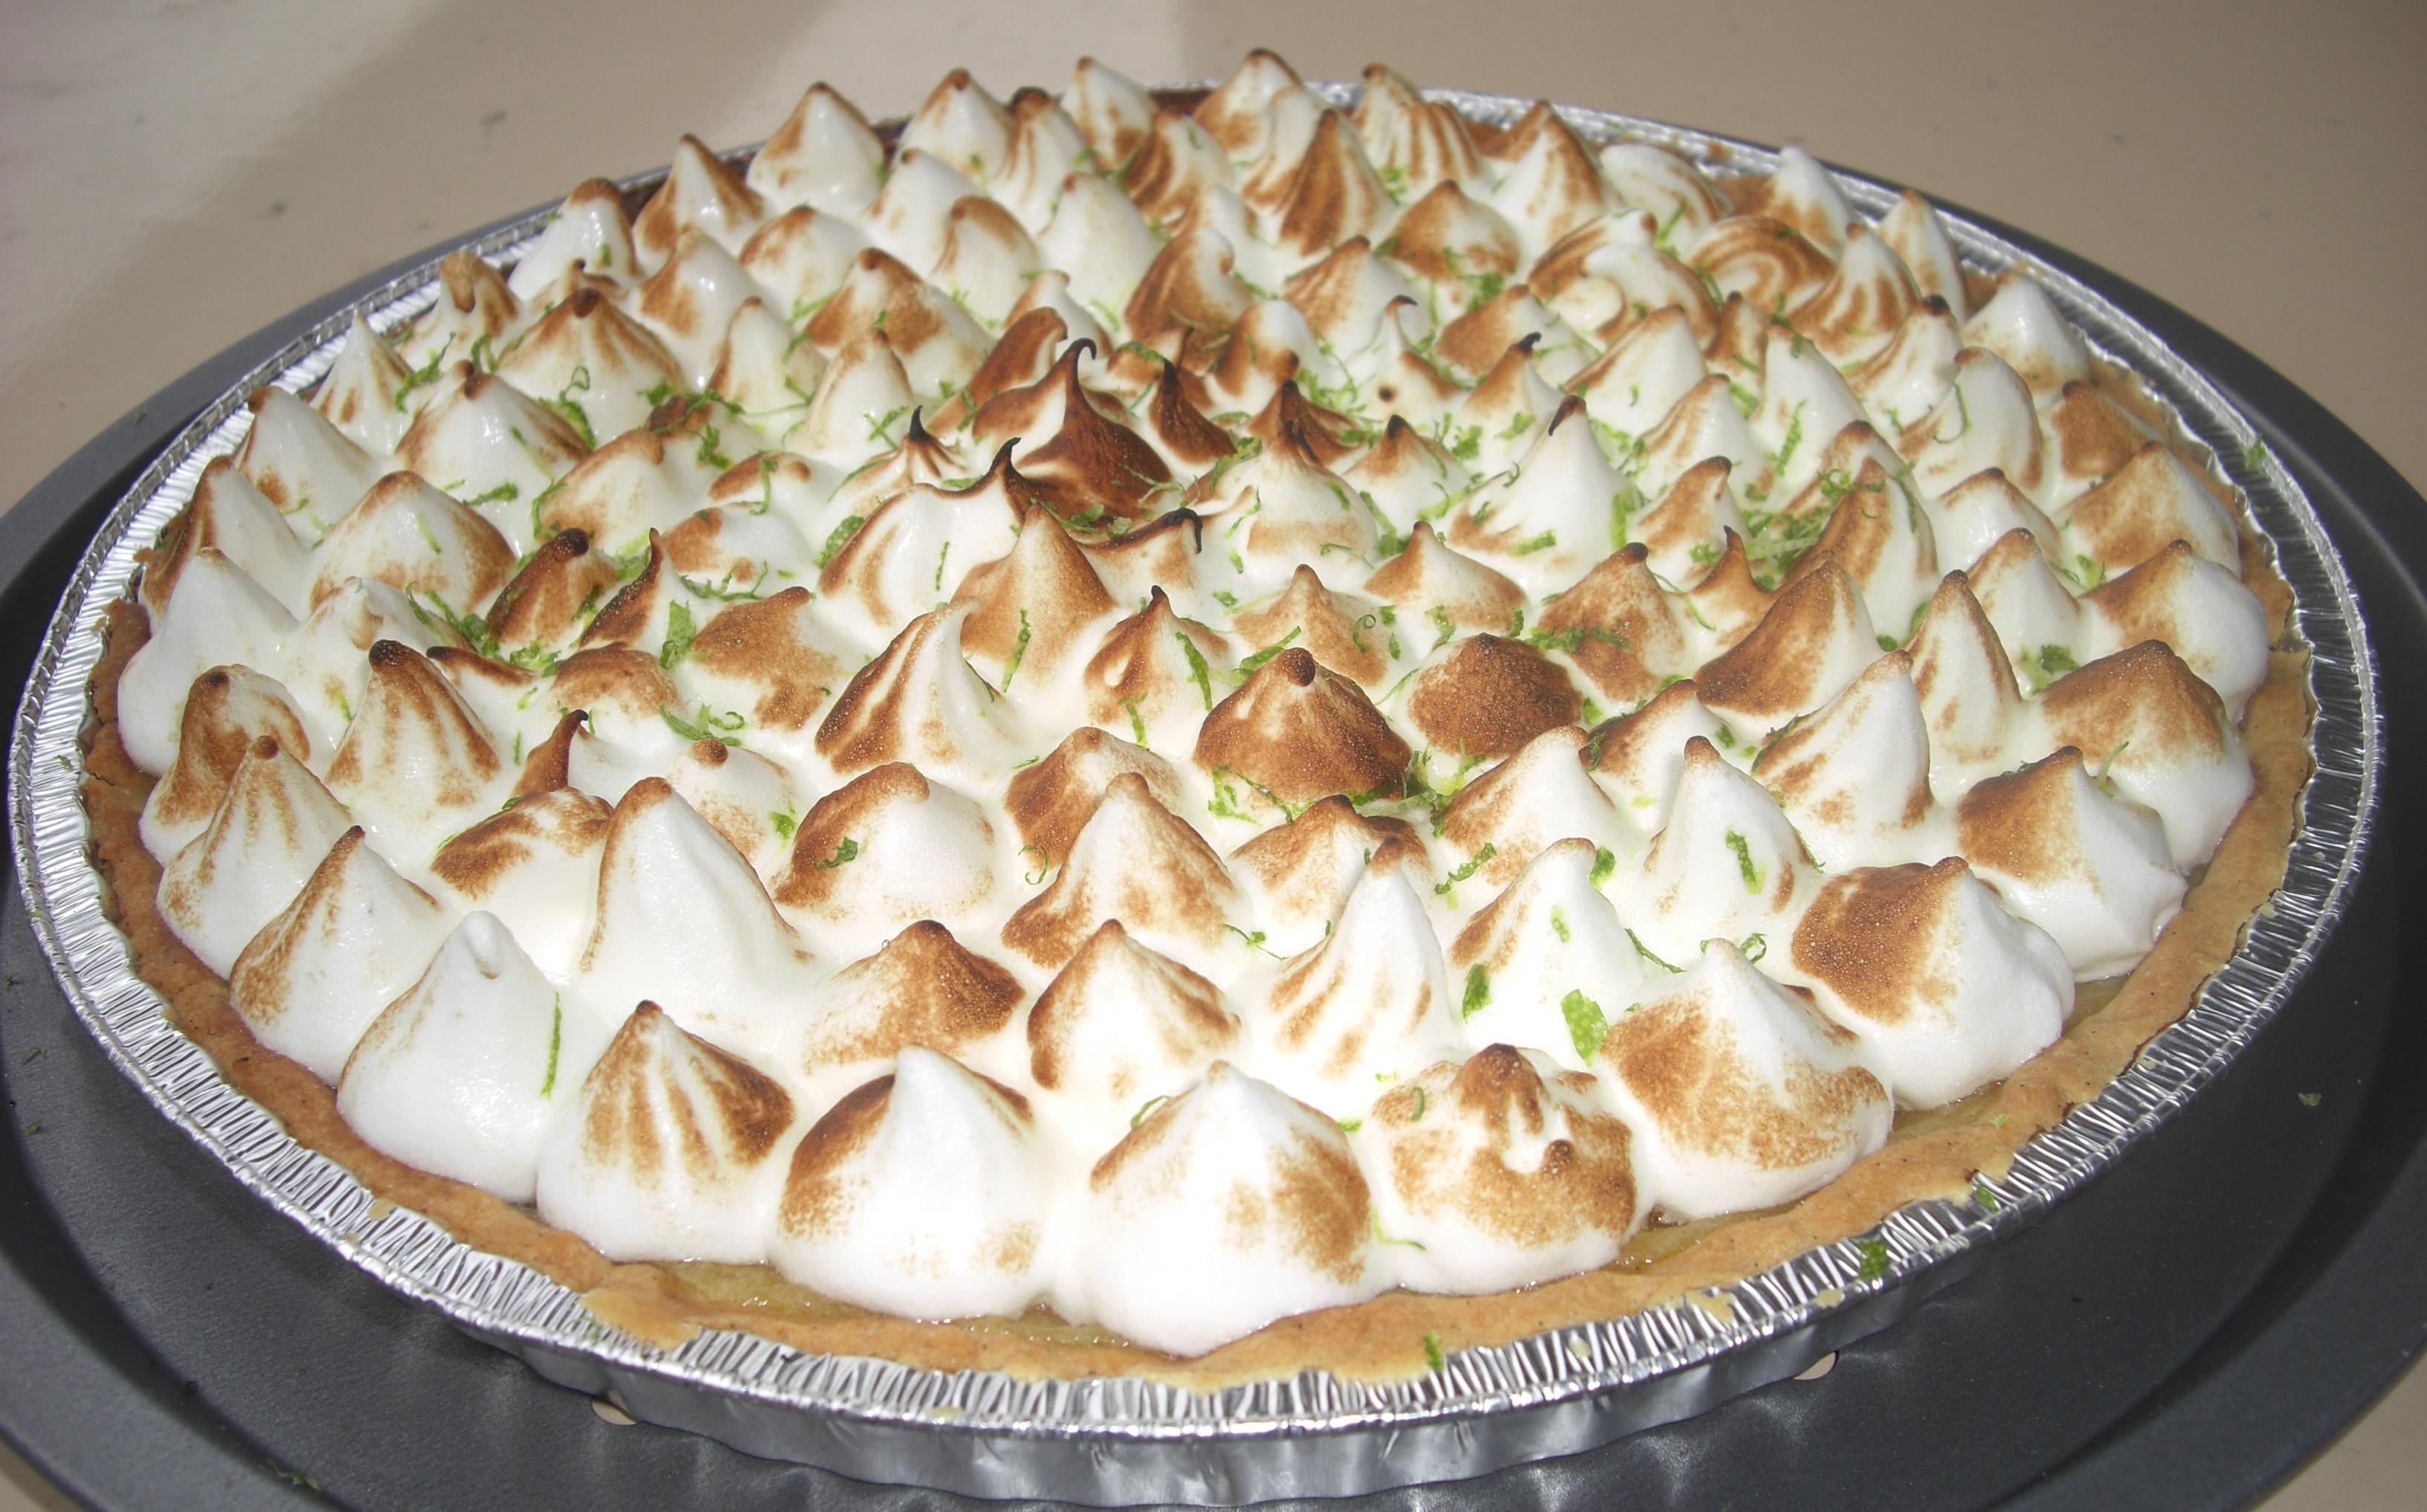 Tarte au citron meringu e gg cuisine - Tarte au citron meringuee herve cuisine ...